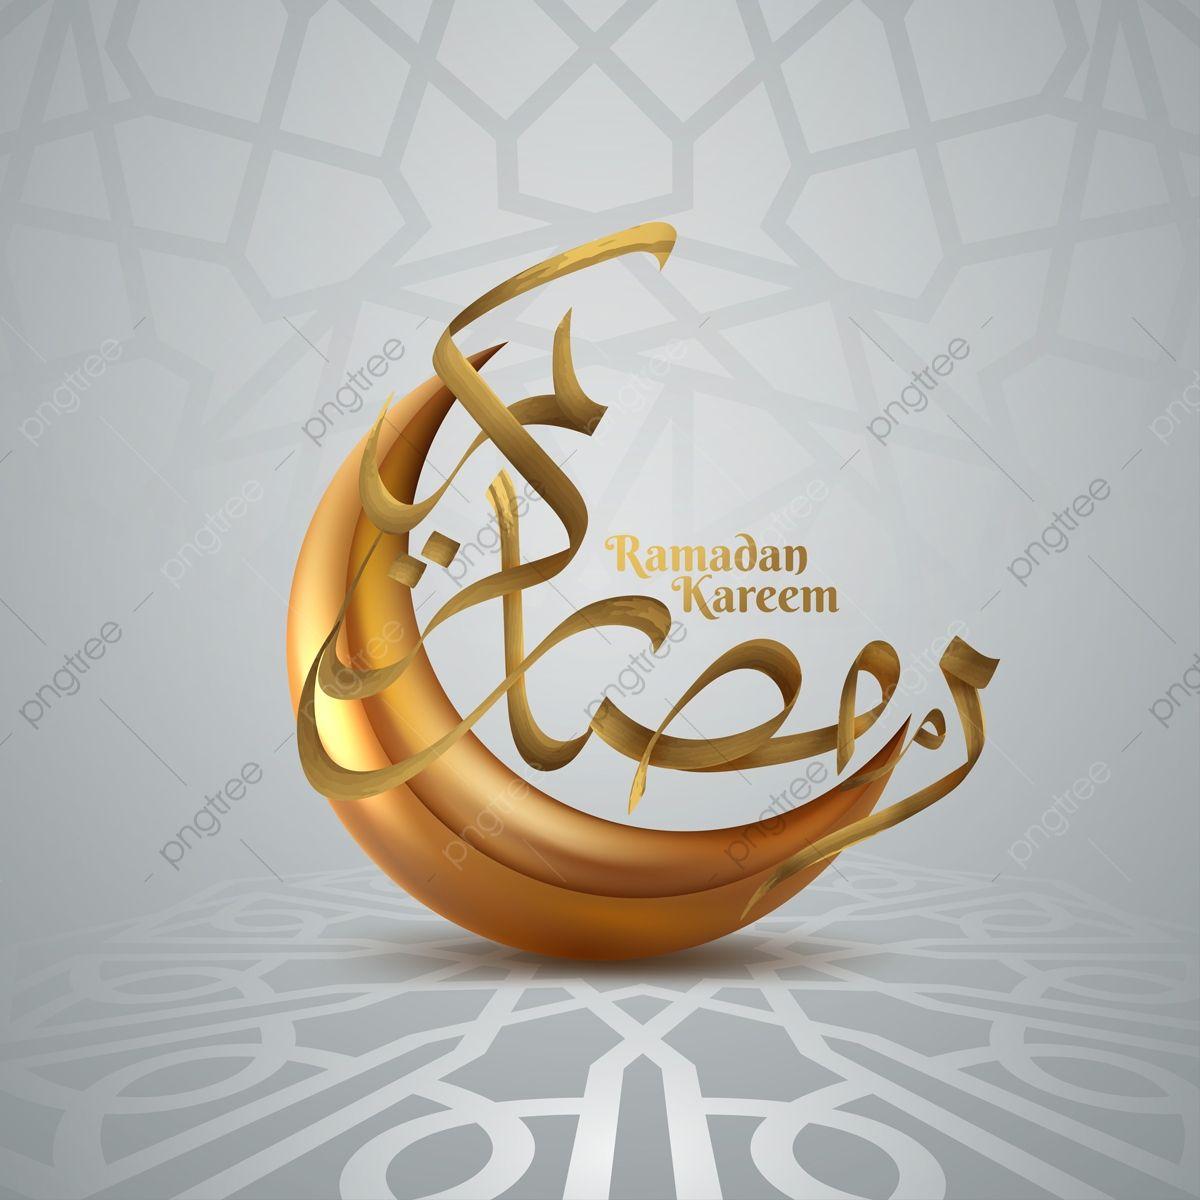 رمضان كريم تحية زخرفة الخلفية بطاقة دين اسلامية Png والمتجهات للتحميل مجانا Ramadan Kareem Ramadan Kareem